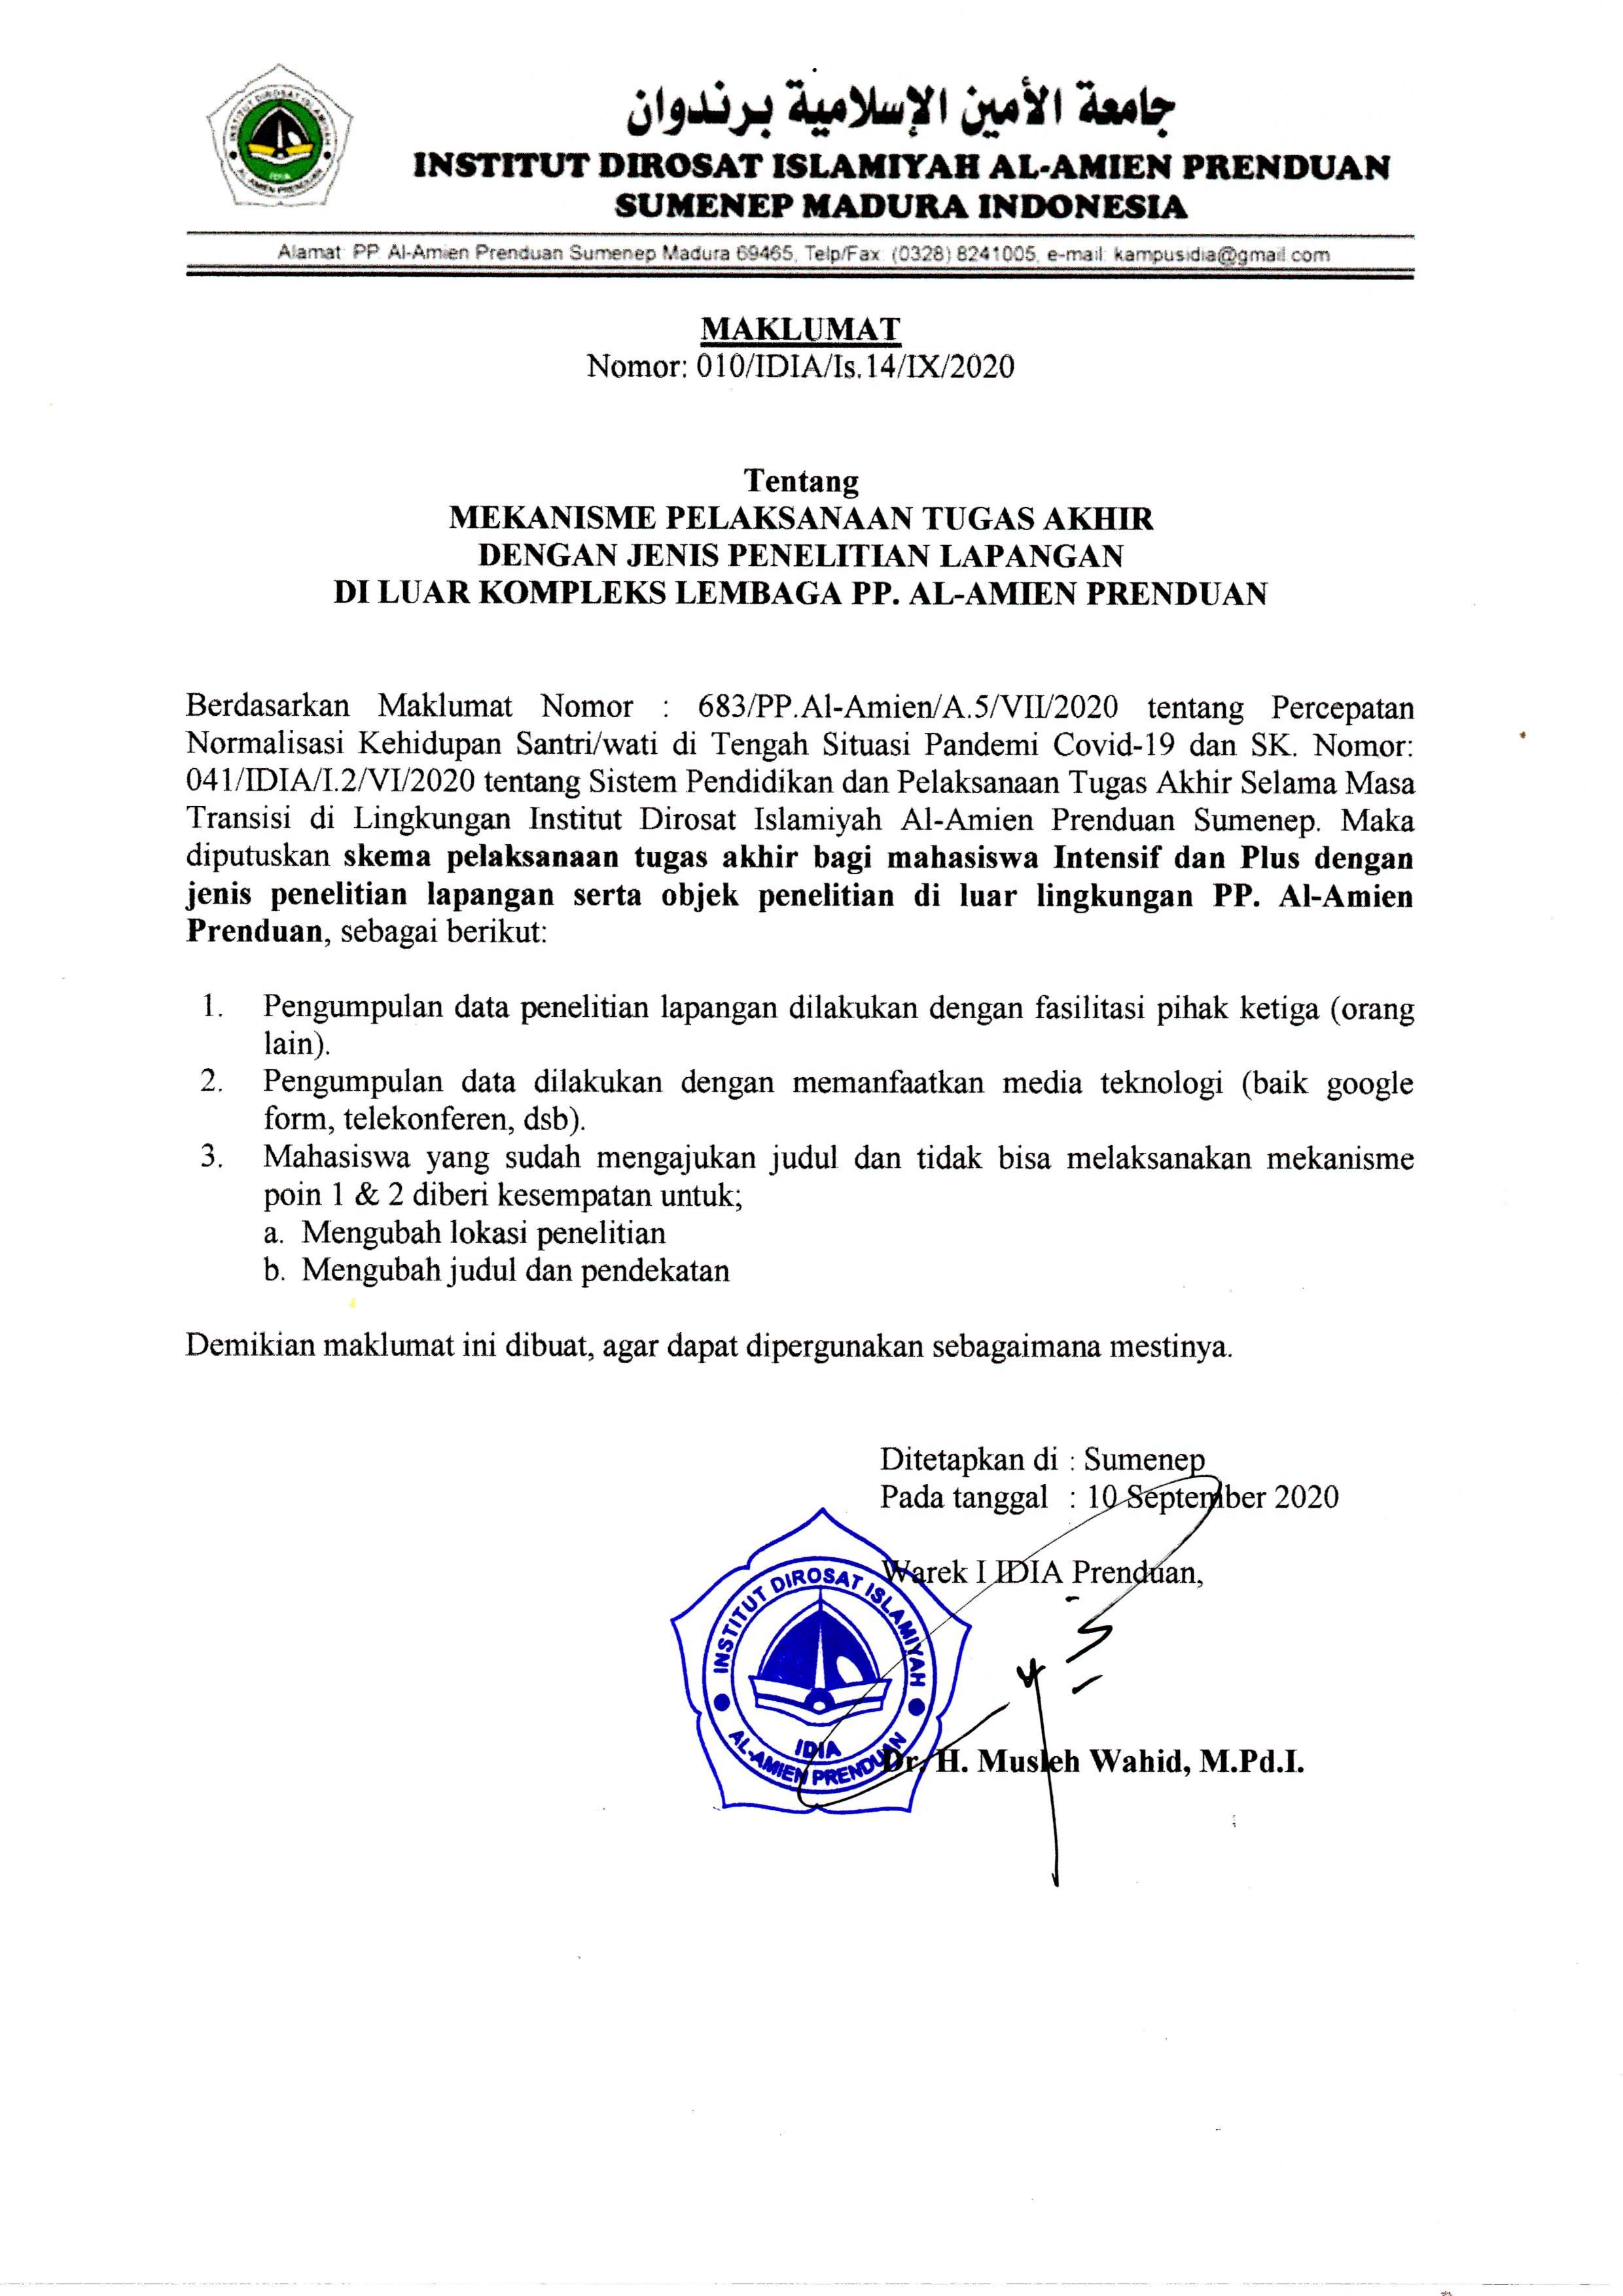 Maklumat Pelaksanaan Penelitian Lapangan Tugas Akhir di Luar Kompleks PP. Al-Amien Prenduan